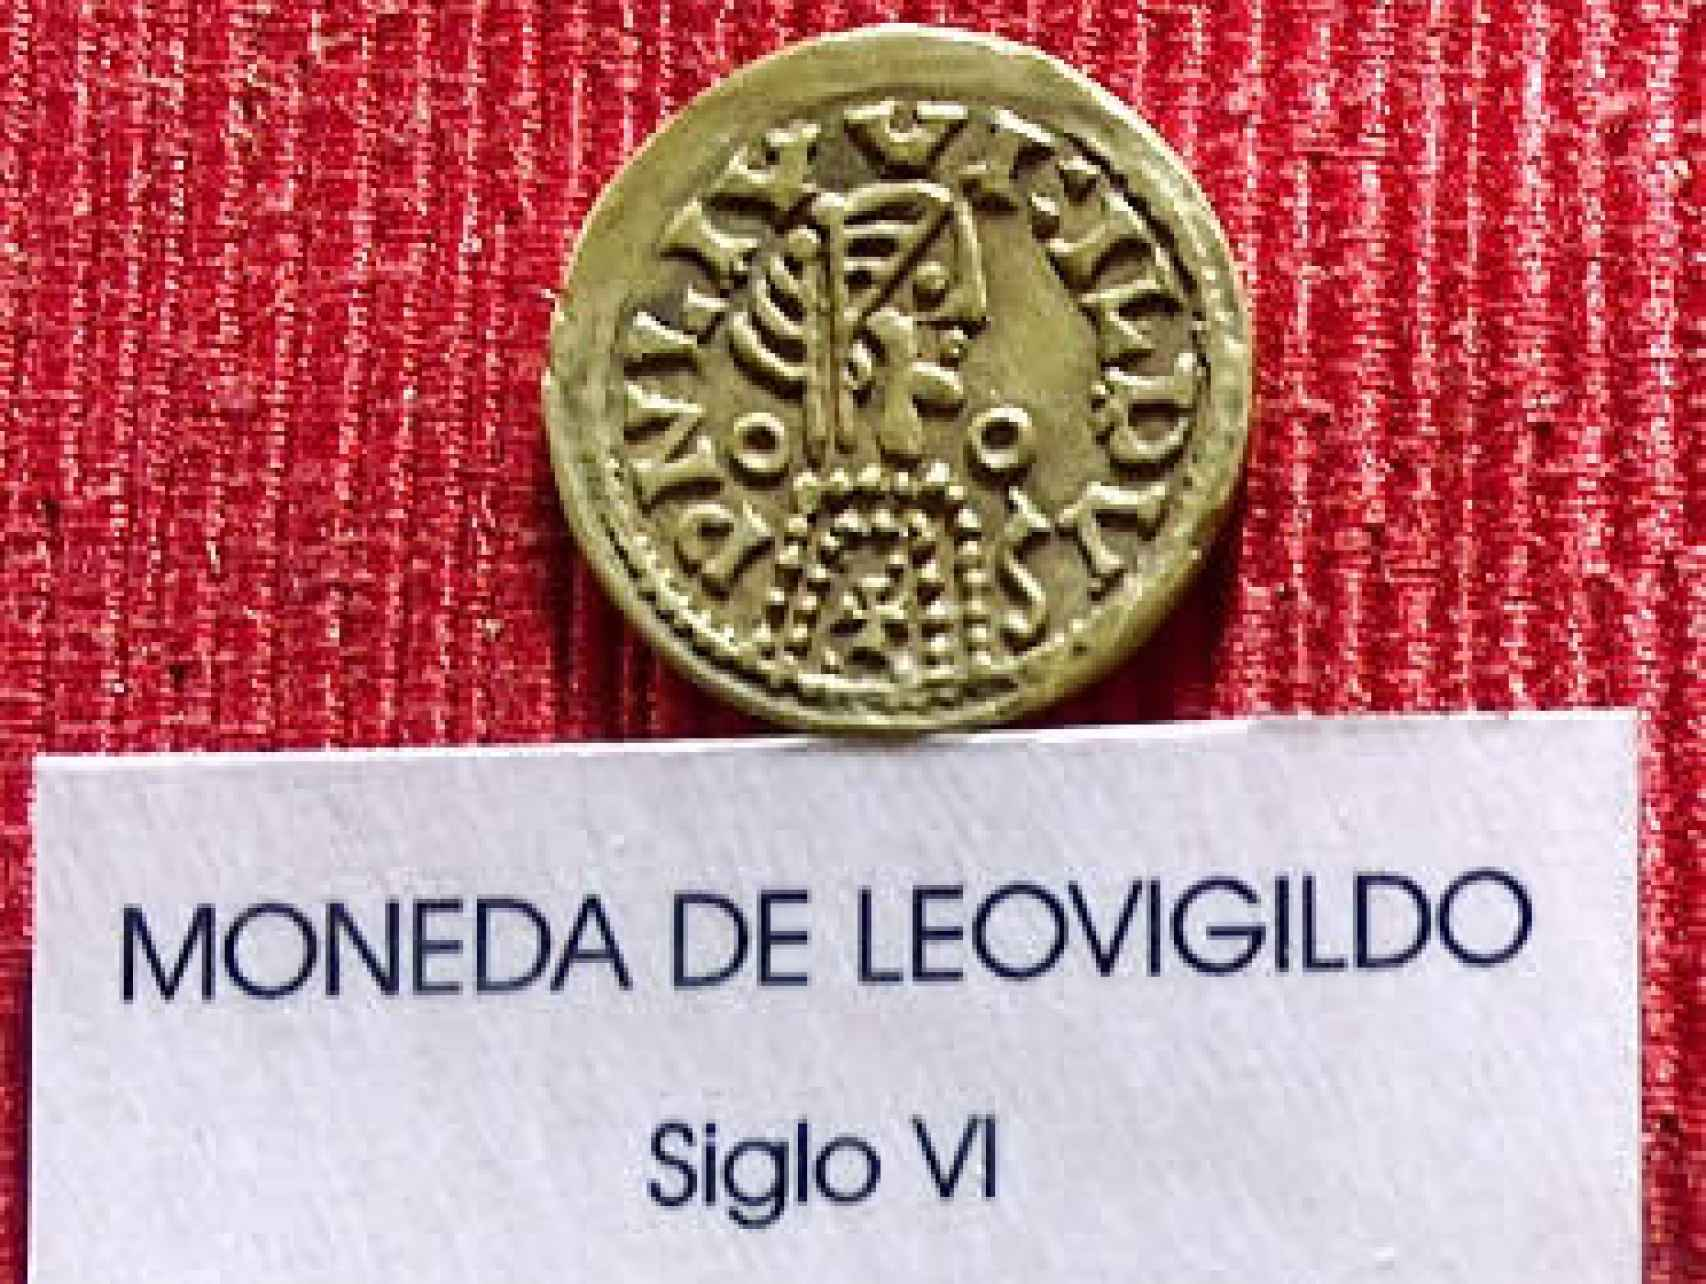 Moneda acuñada en el siglo VI.